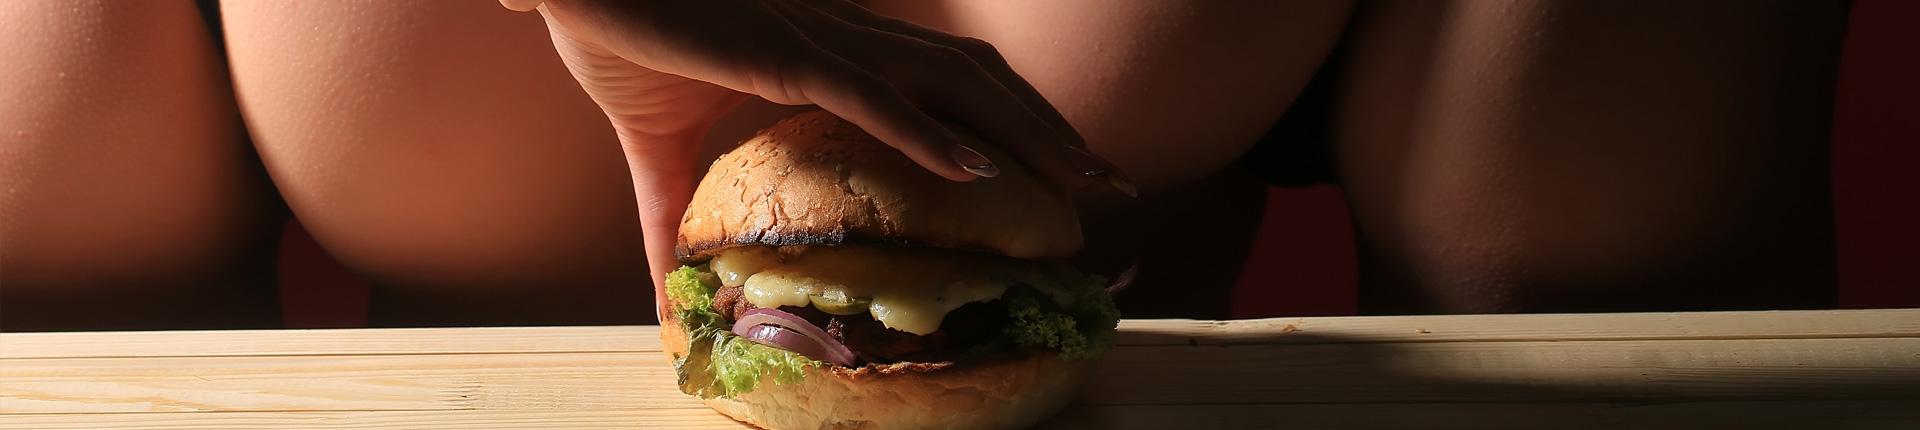 Cheat meal - co zrobić, aby ograniczyć jego negatywny wpływ?